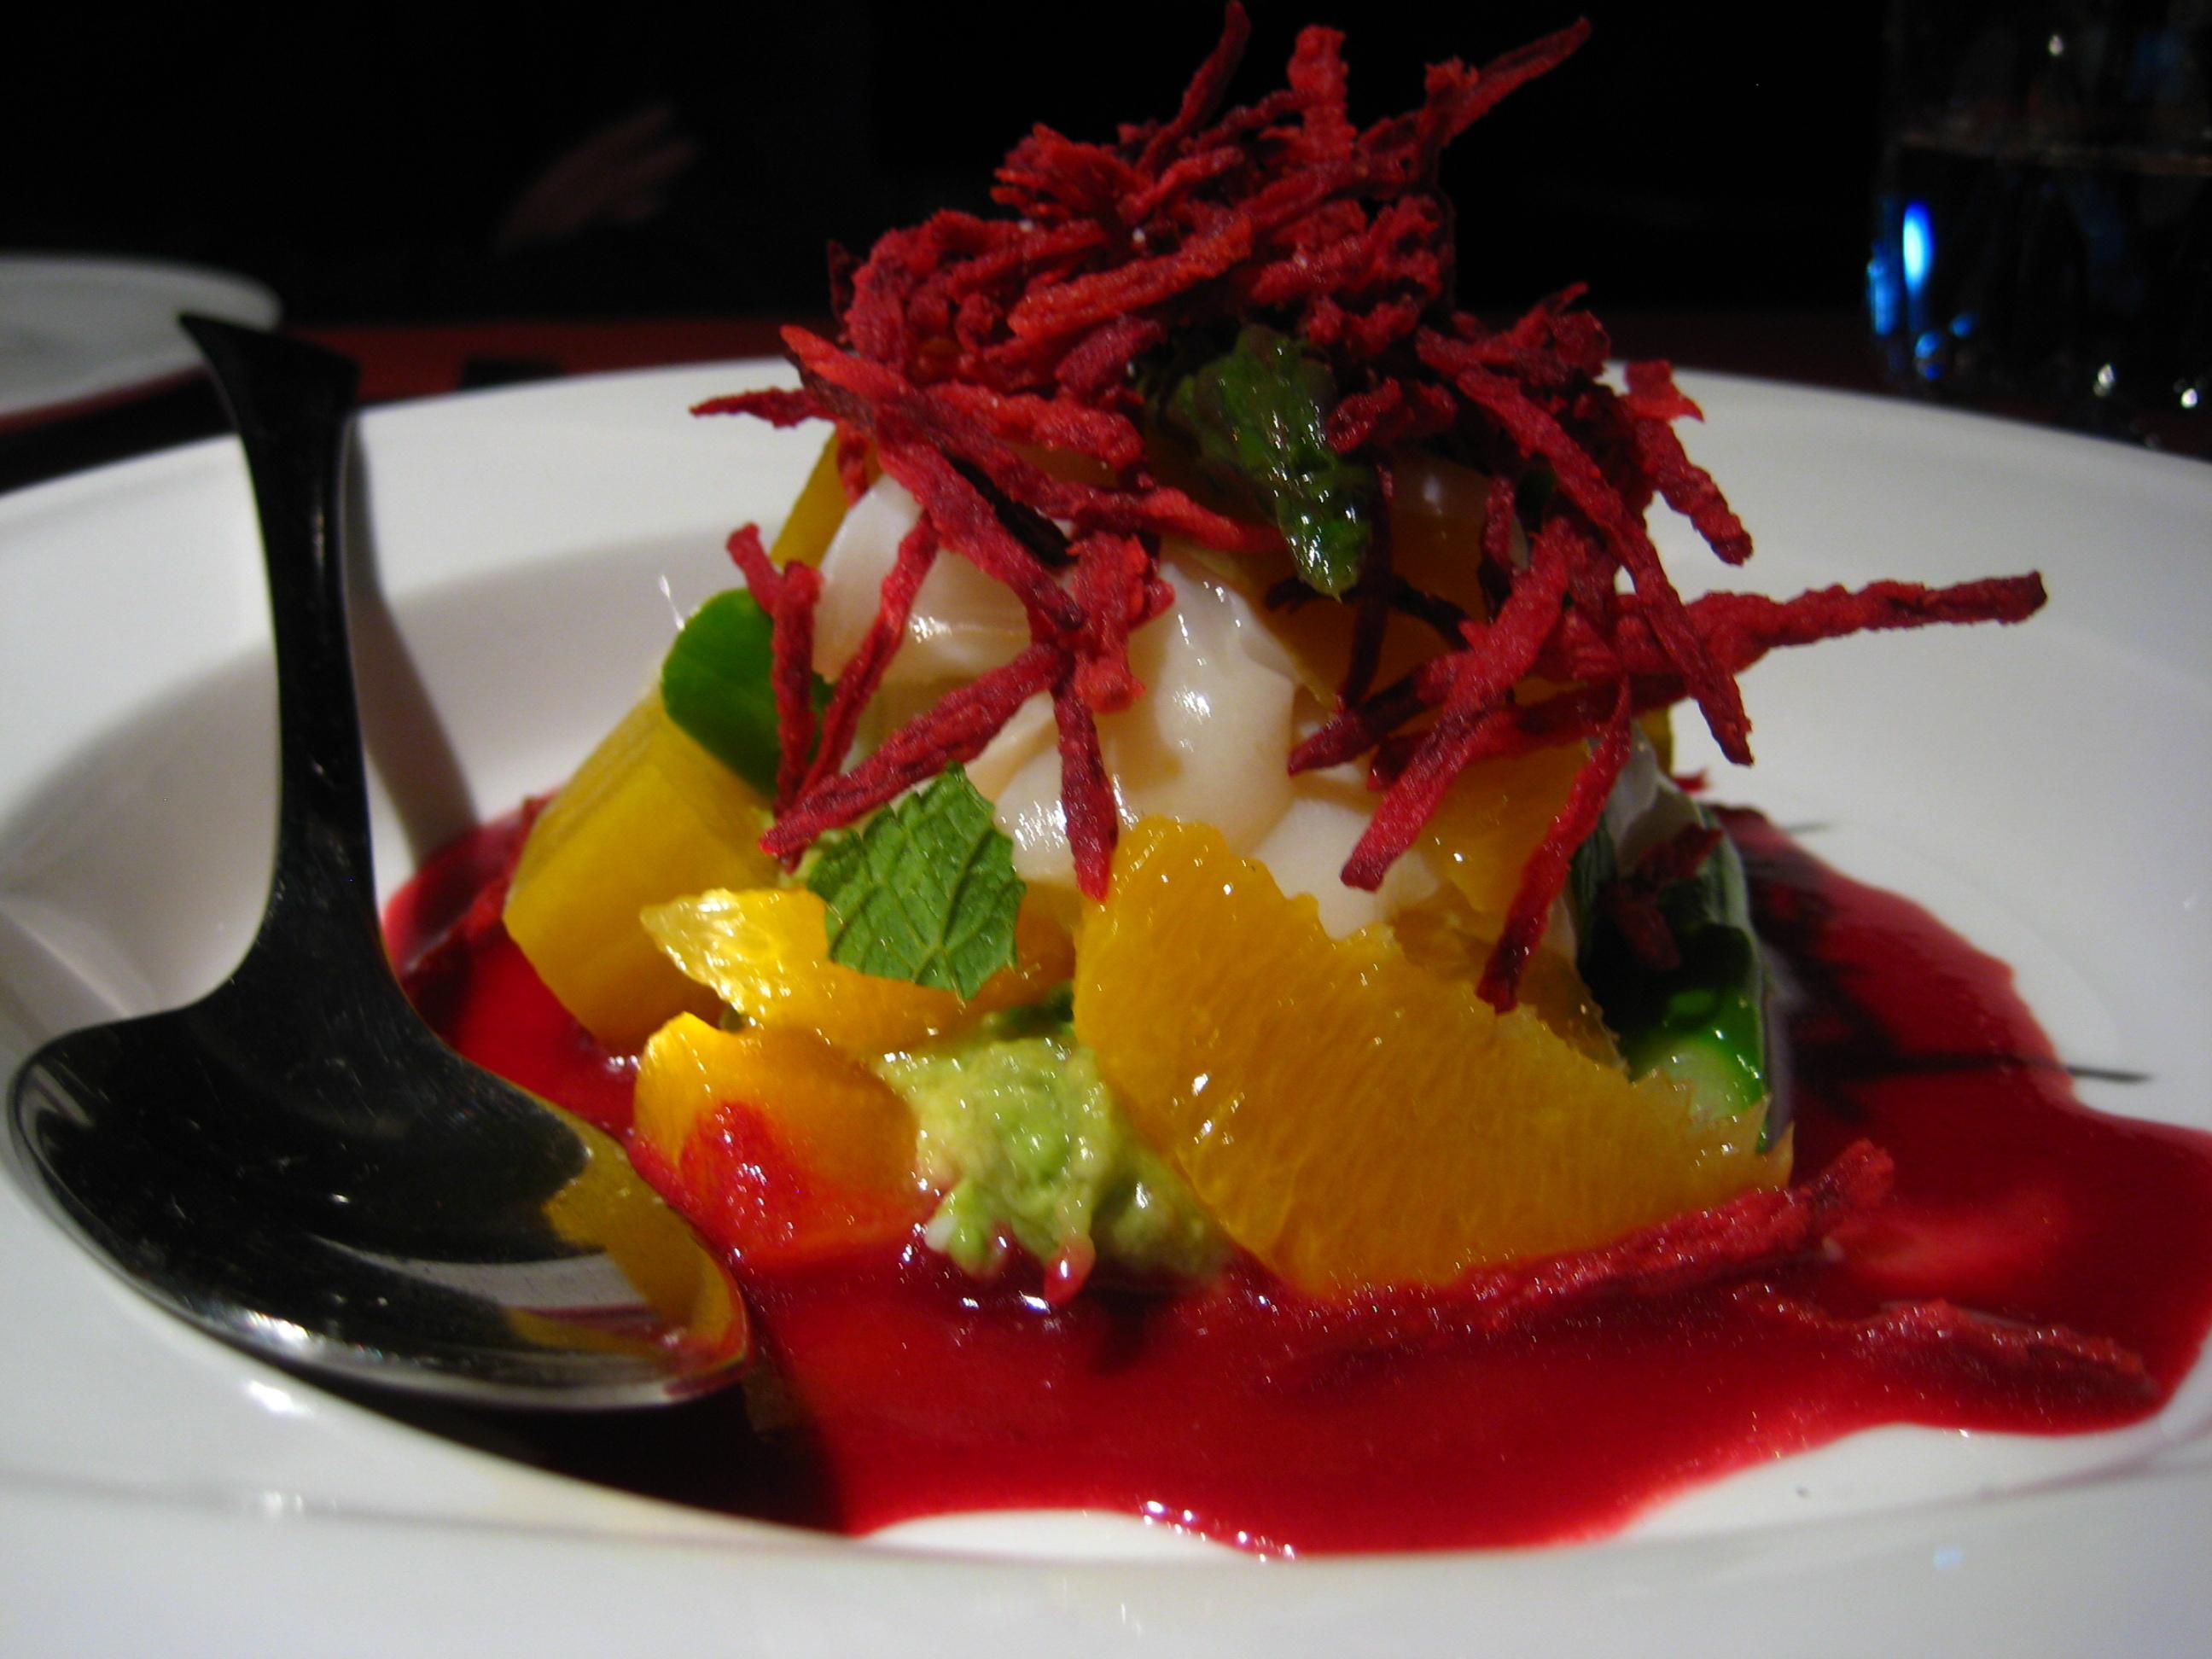 Le_filet_salade de petoncles